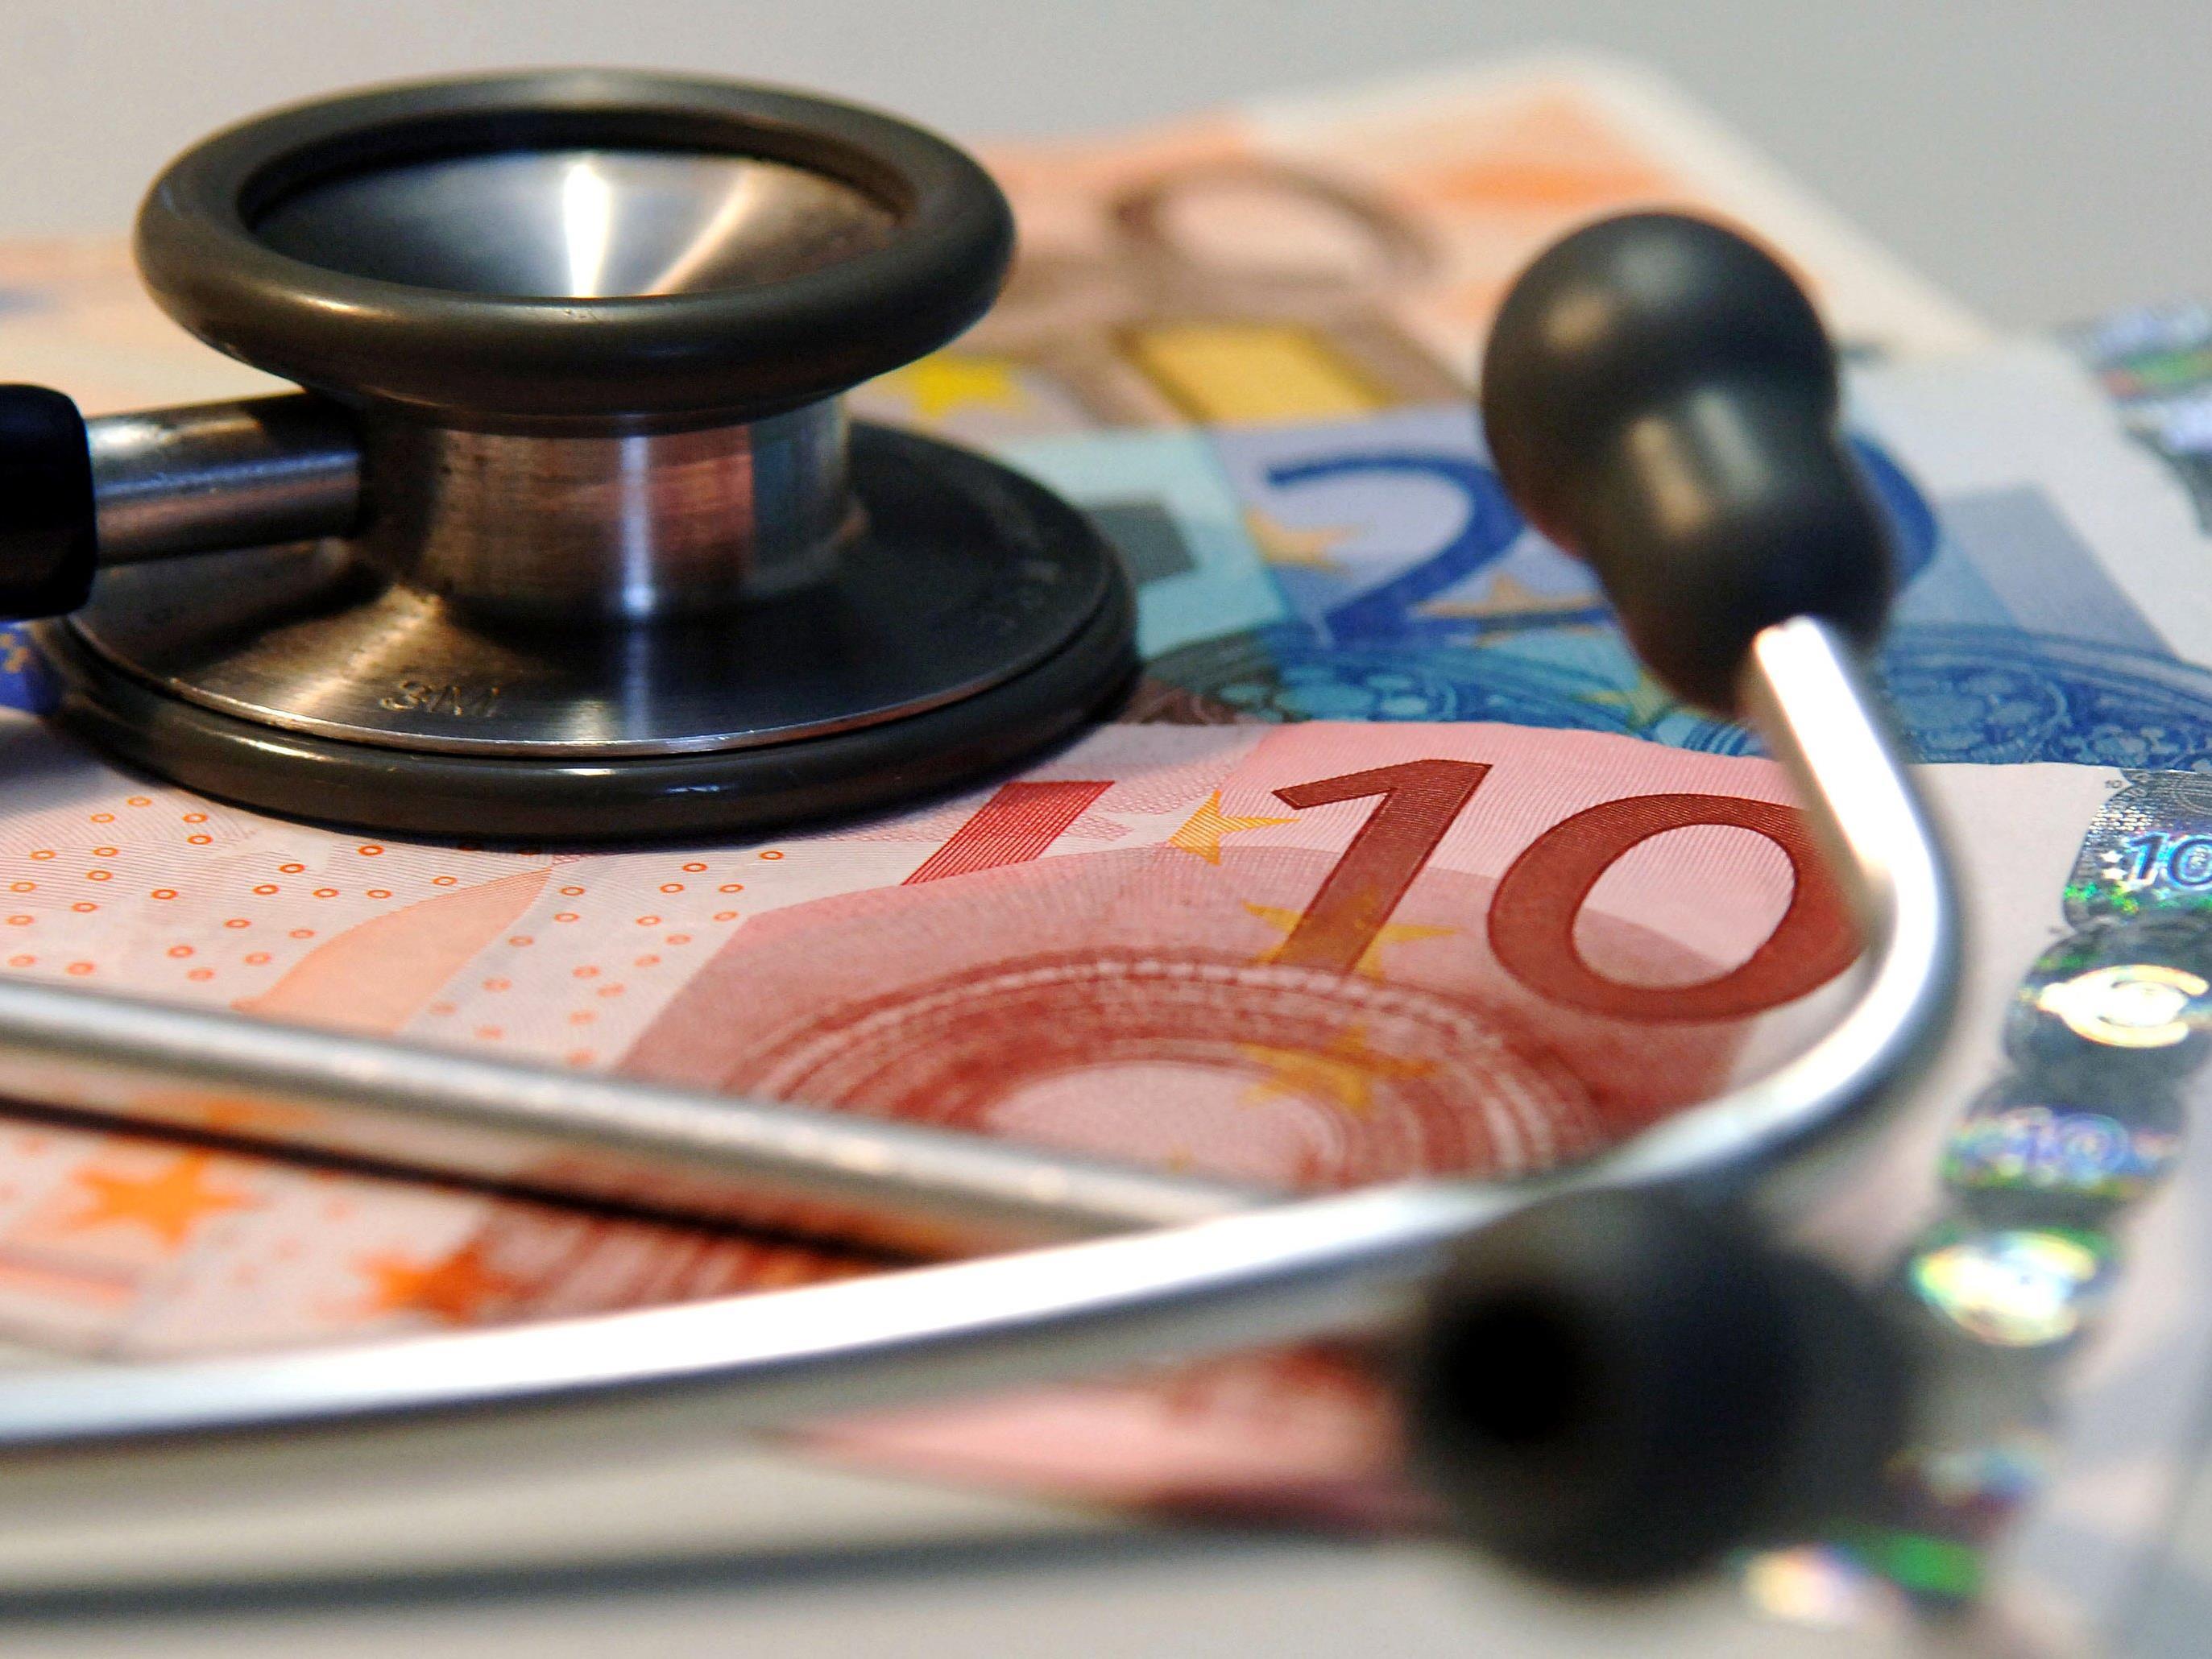 Die Krankenkassen rechnen mit einem Überschuss von 48 Millionen Euro.